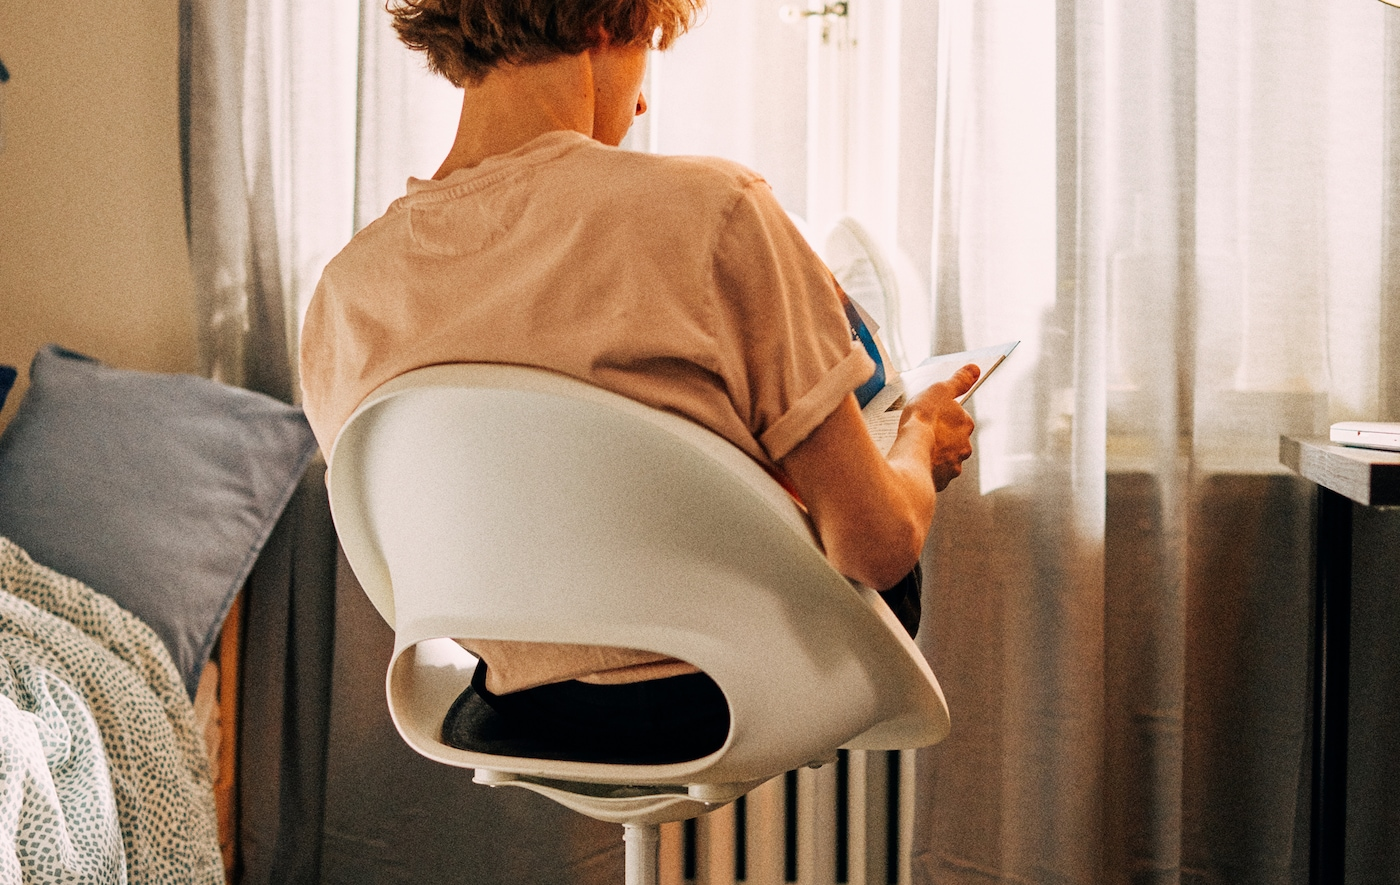 Opiskelija lukee istuen työtuolissa kohti ikkunaa ja lepuuttaa jalkojaan patterin päällä.